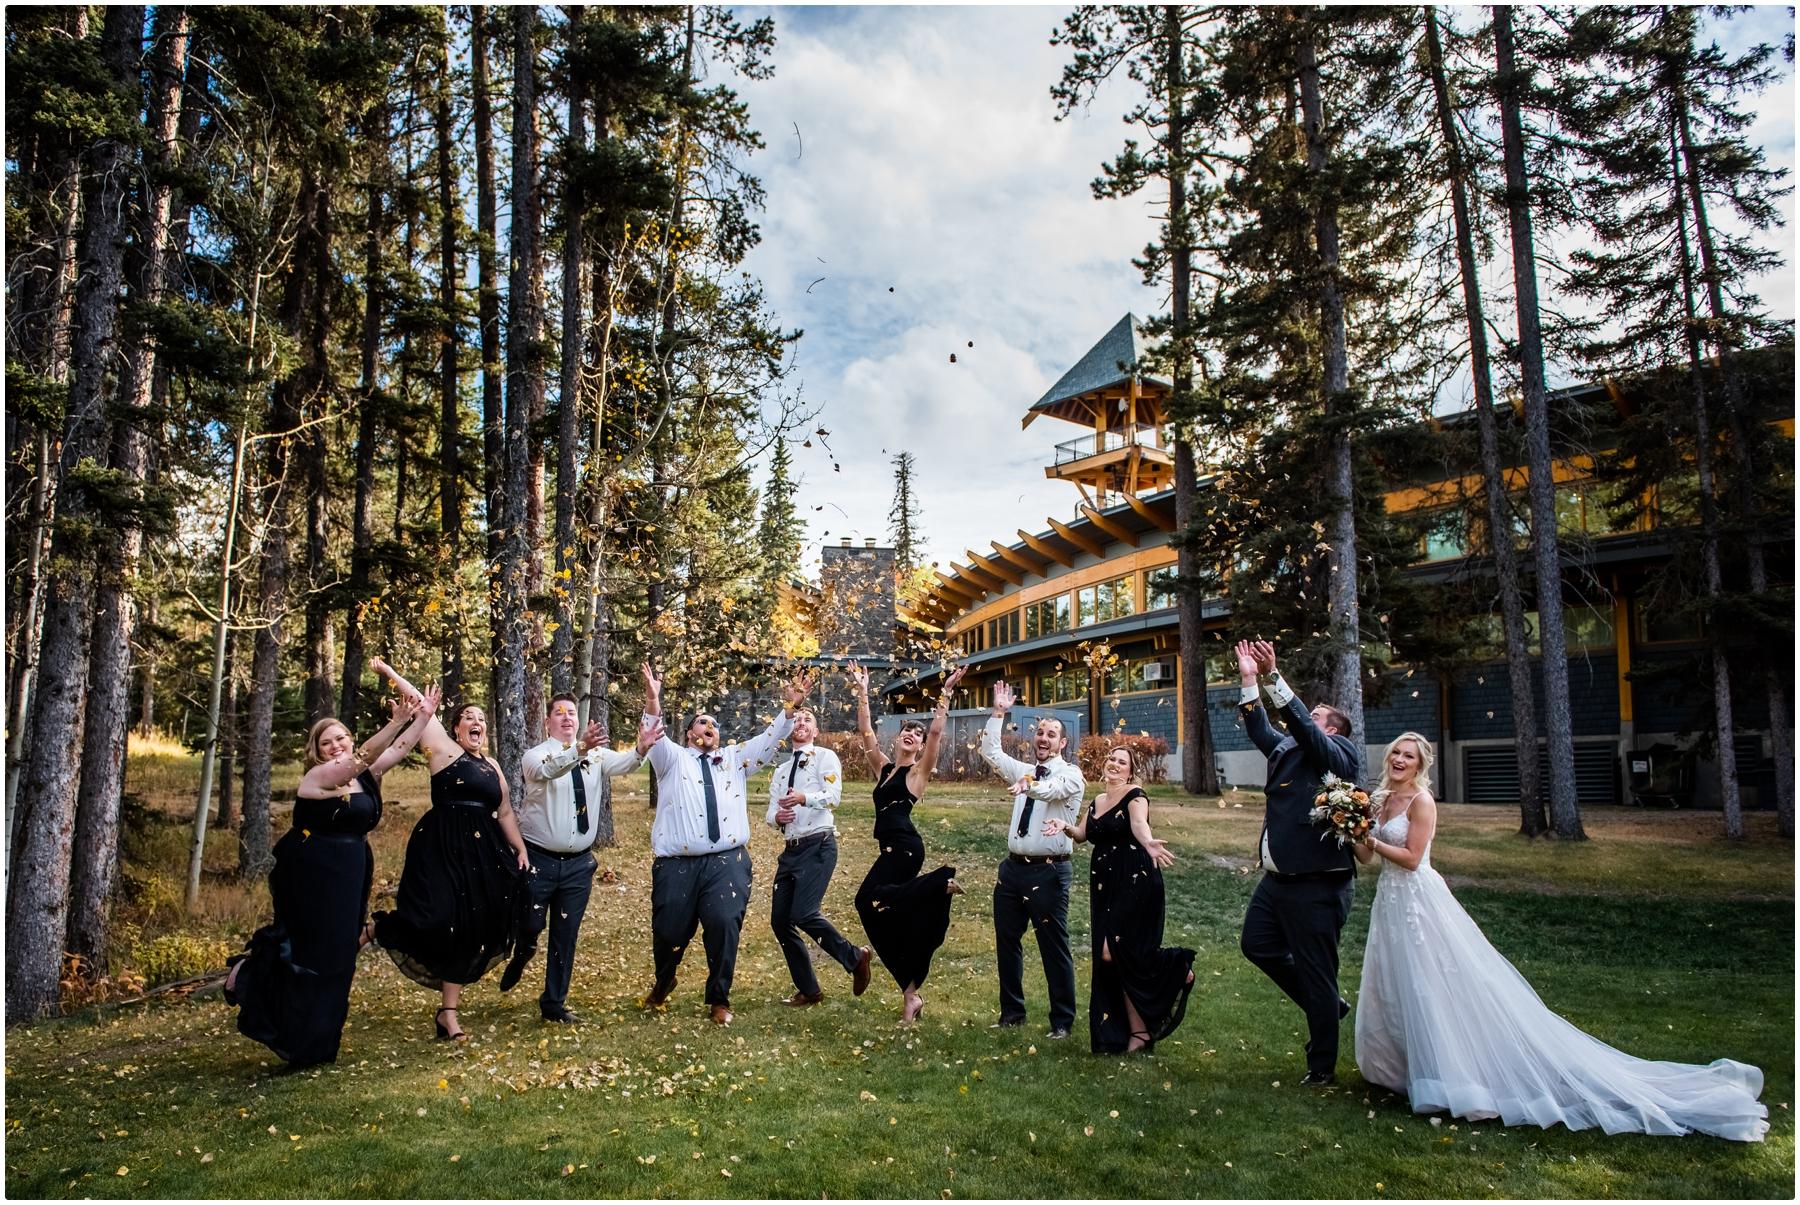 Calgary Wedding Photographer - Azuridge Estate Hotel Wedding